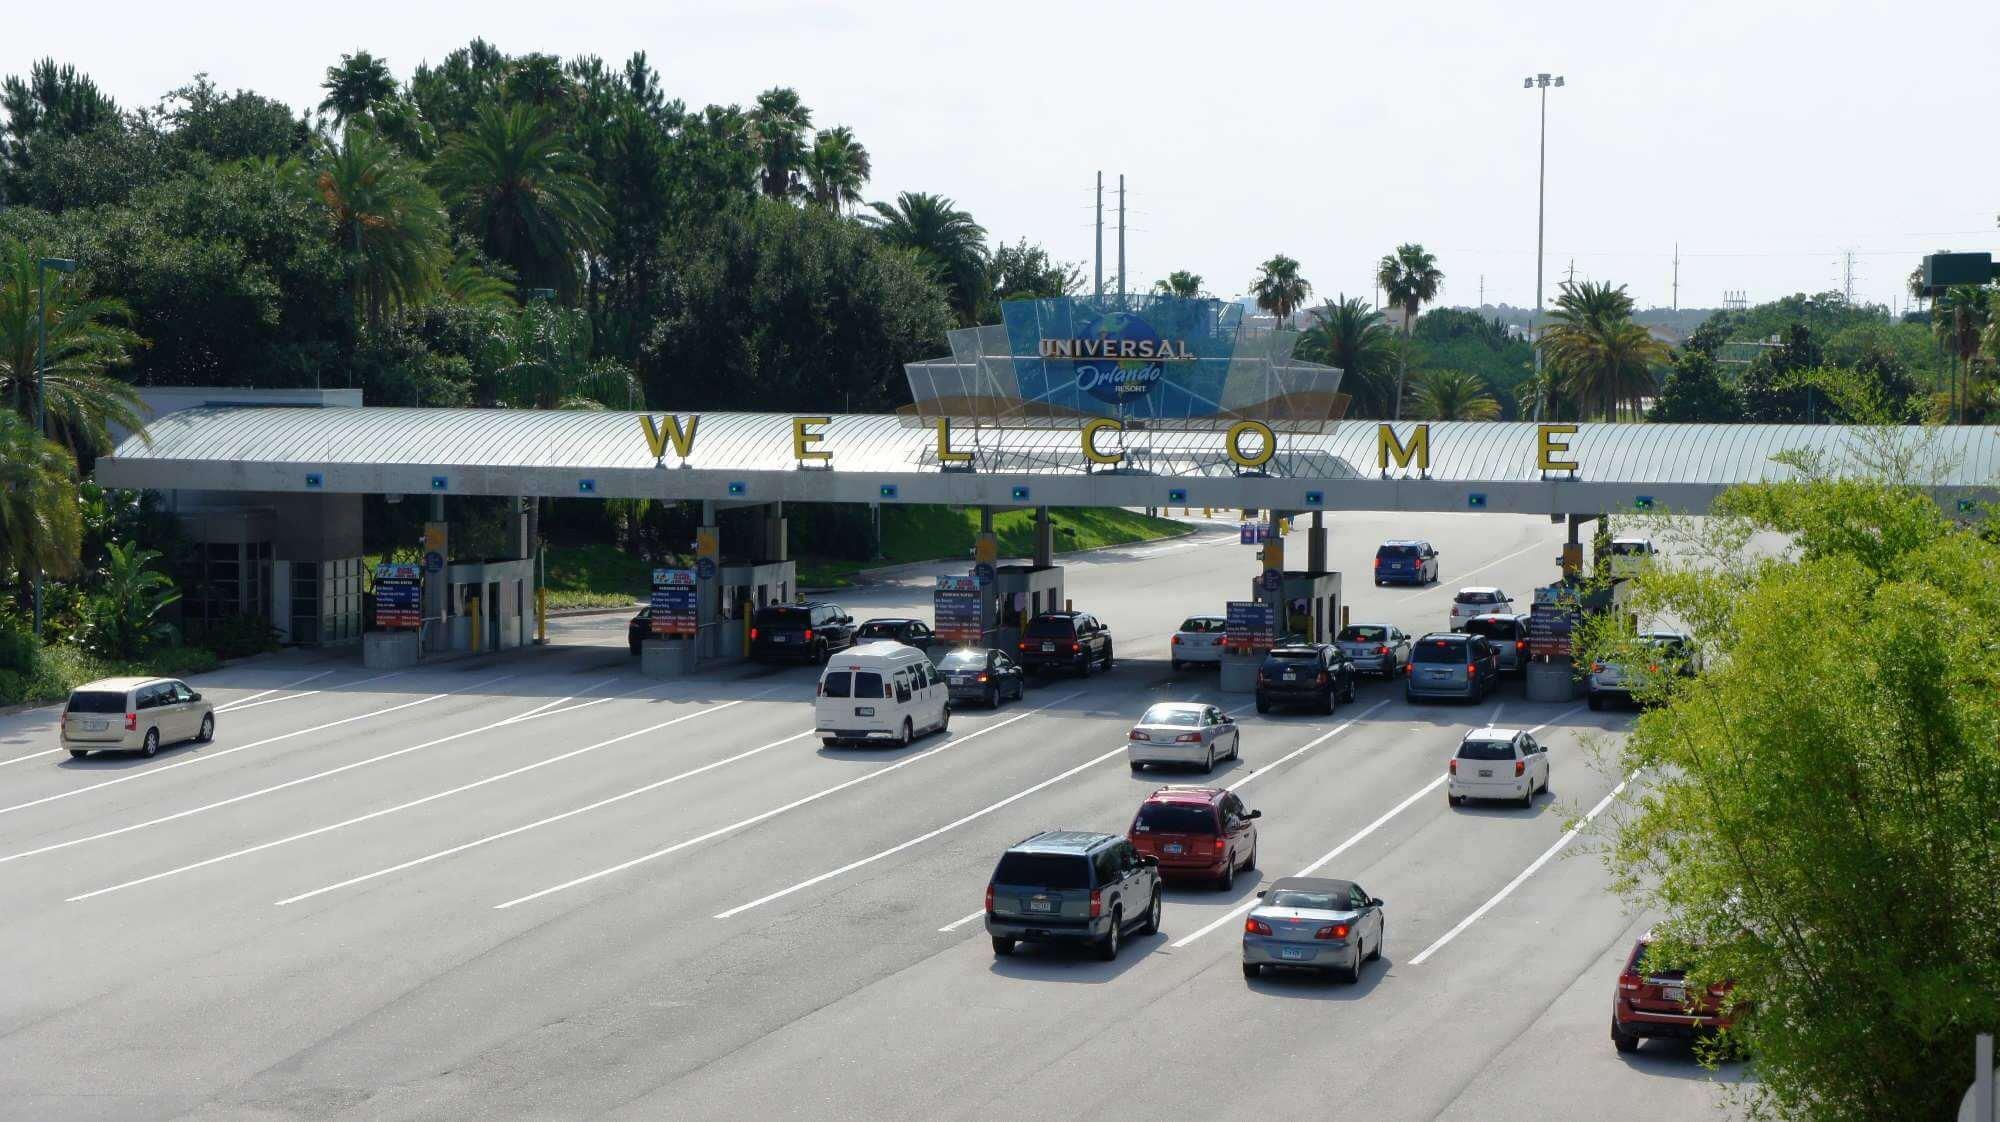 Estacionamento da Universal Orlando